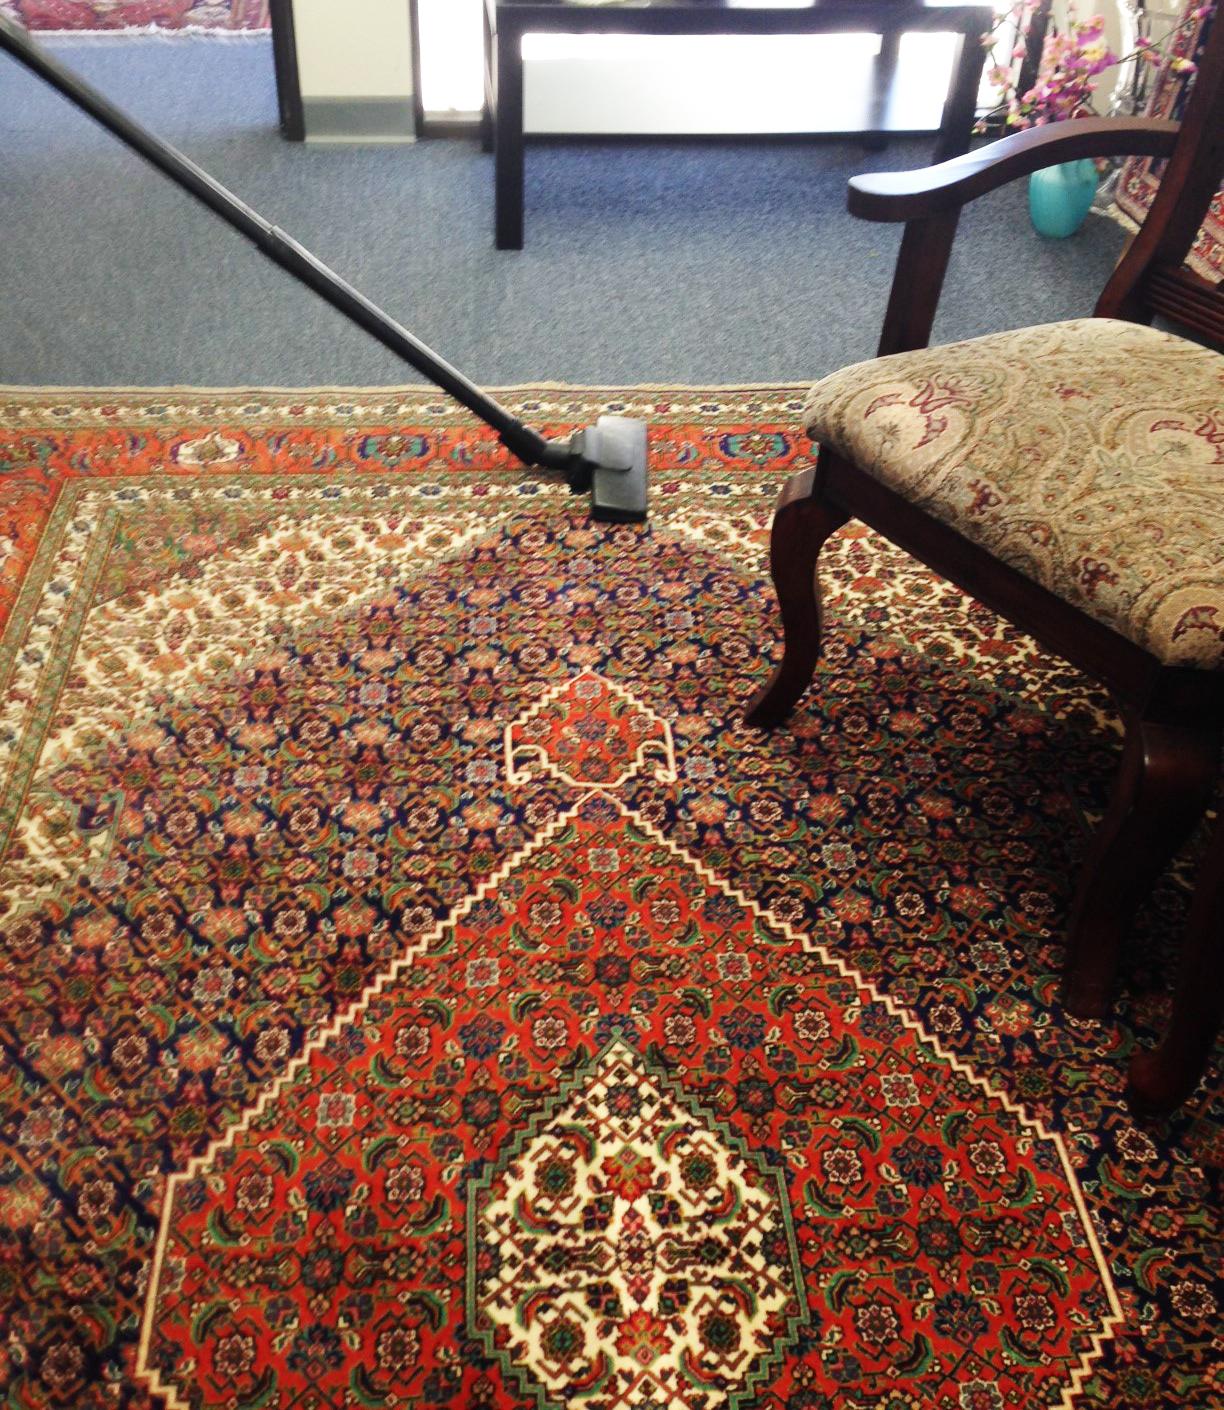 Jute Rug Dust: How To Vacuum Your Oriental Rug